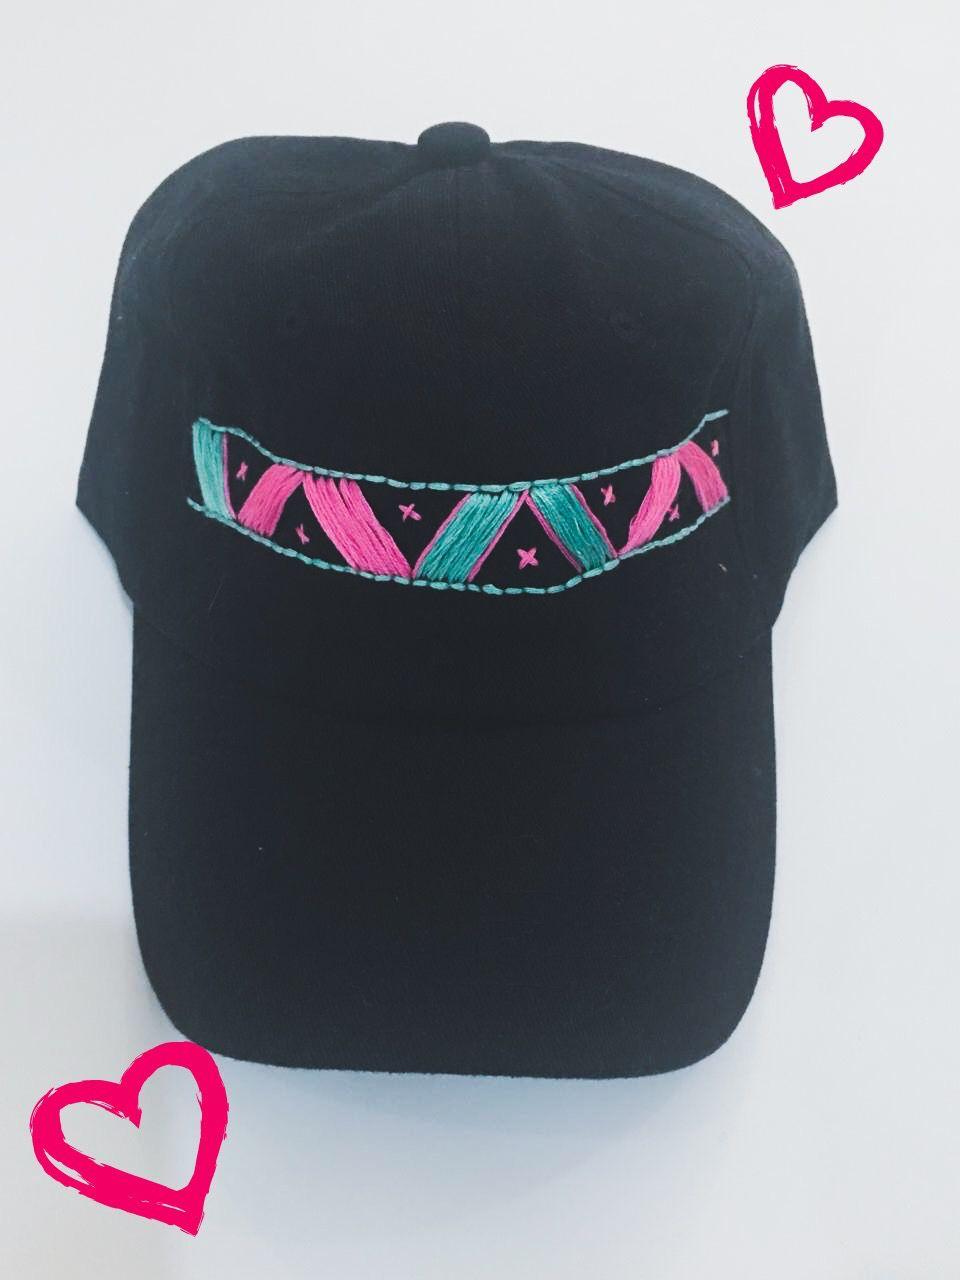 Gorra negra bordada a mano en color verde menta y rosa marca - Madhu  Navalesh 11fefaaed2c